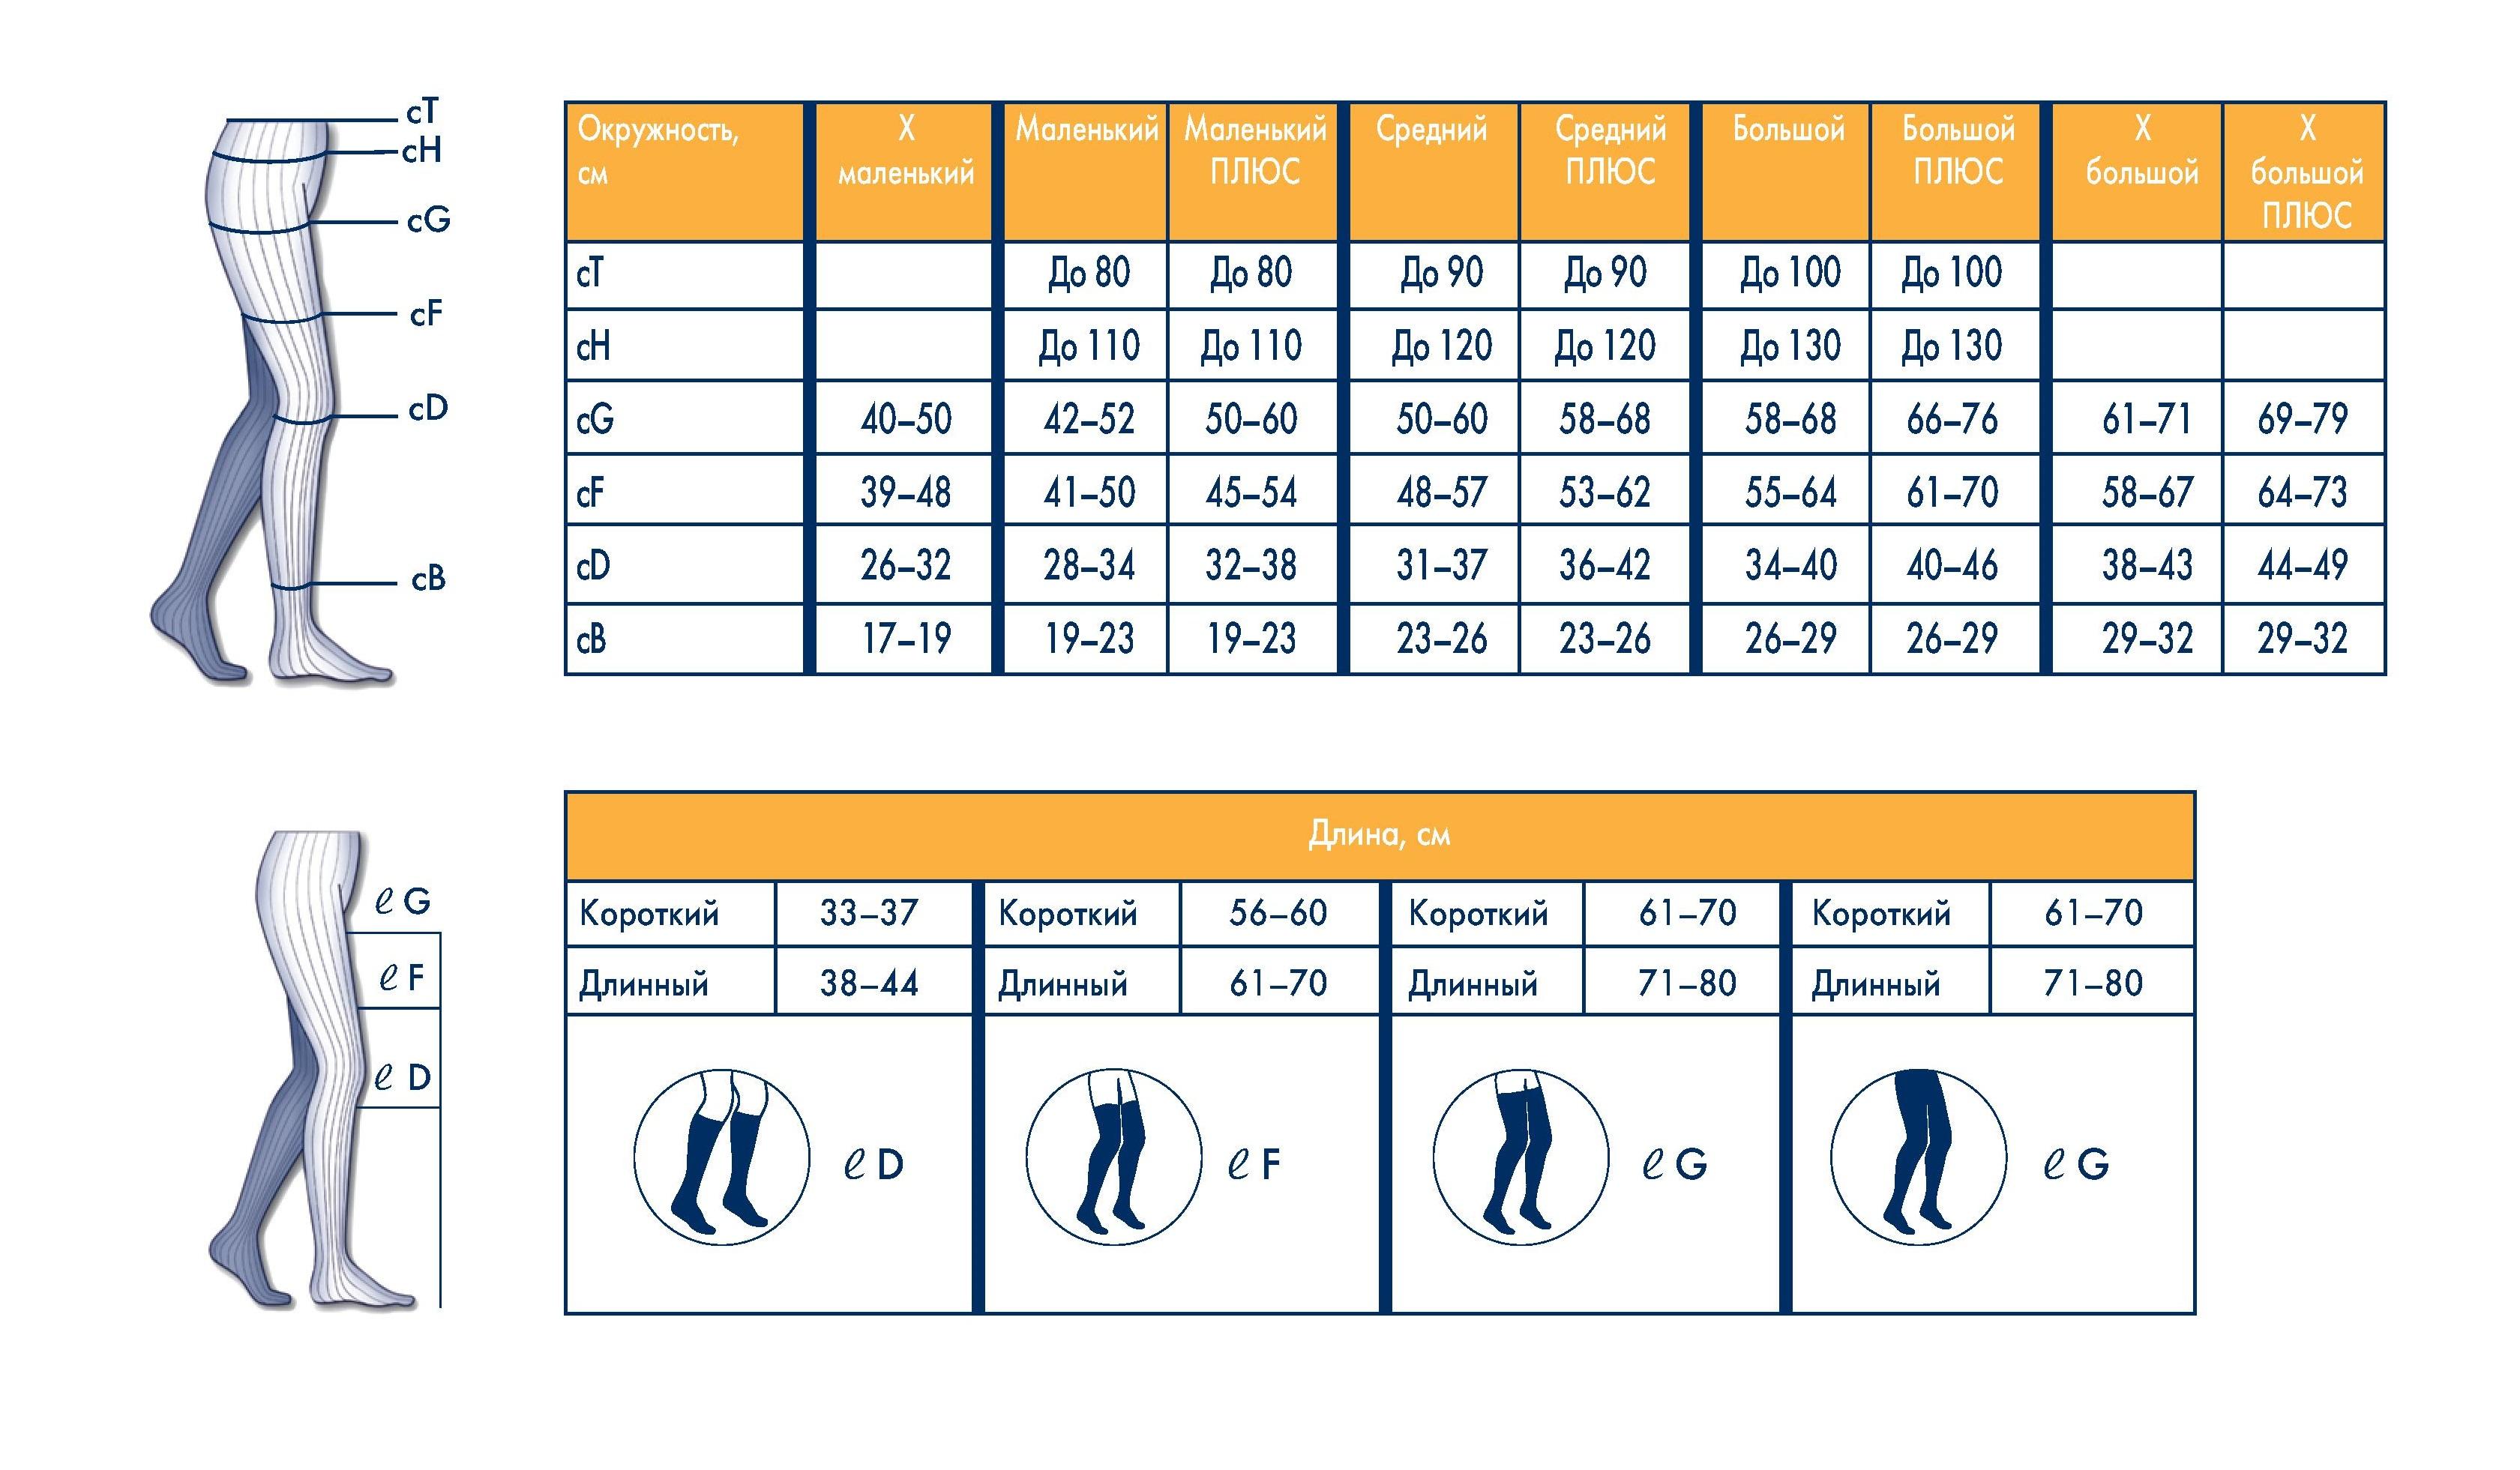 Схема определения размера компрессионных изделий серии  TRADITIONAL